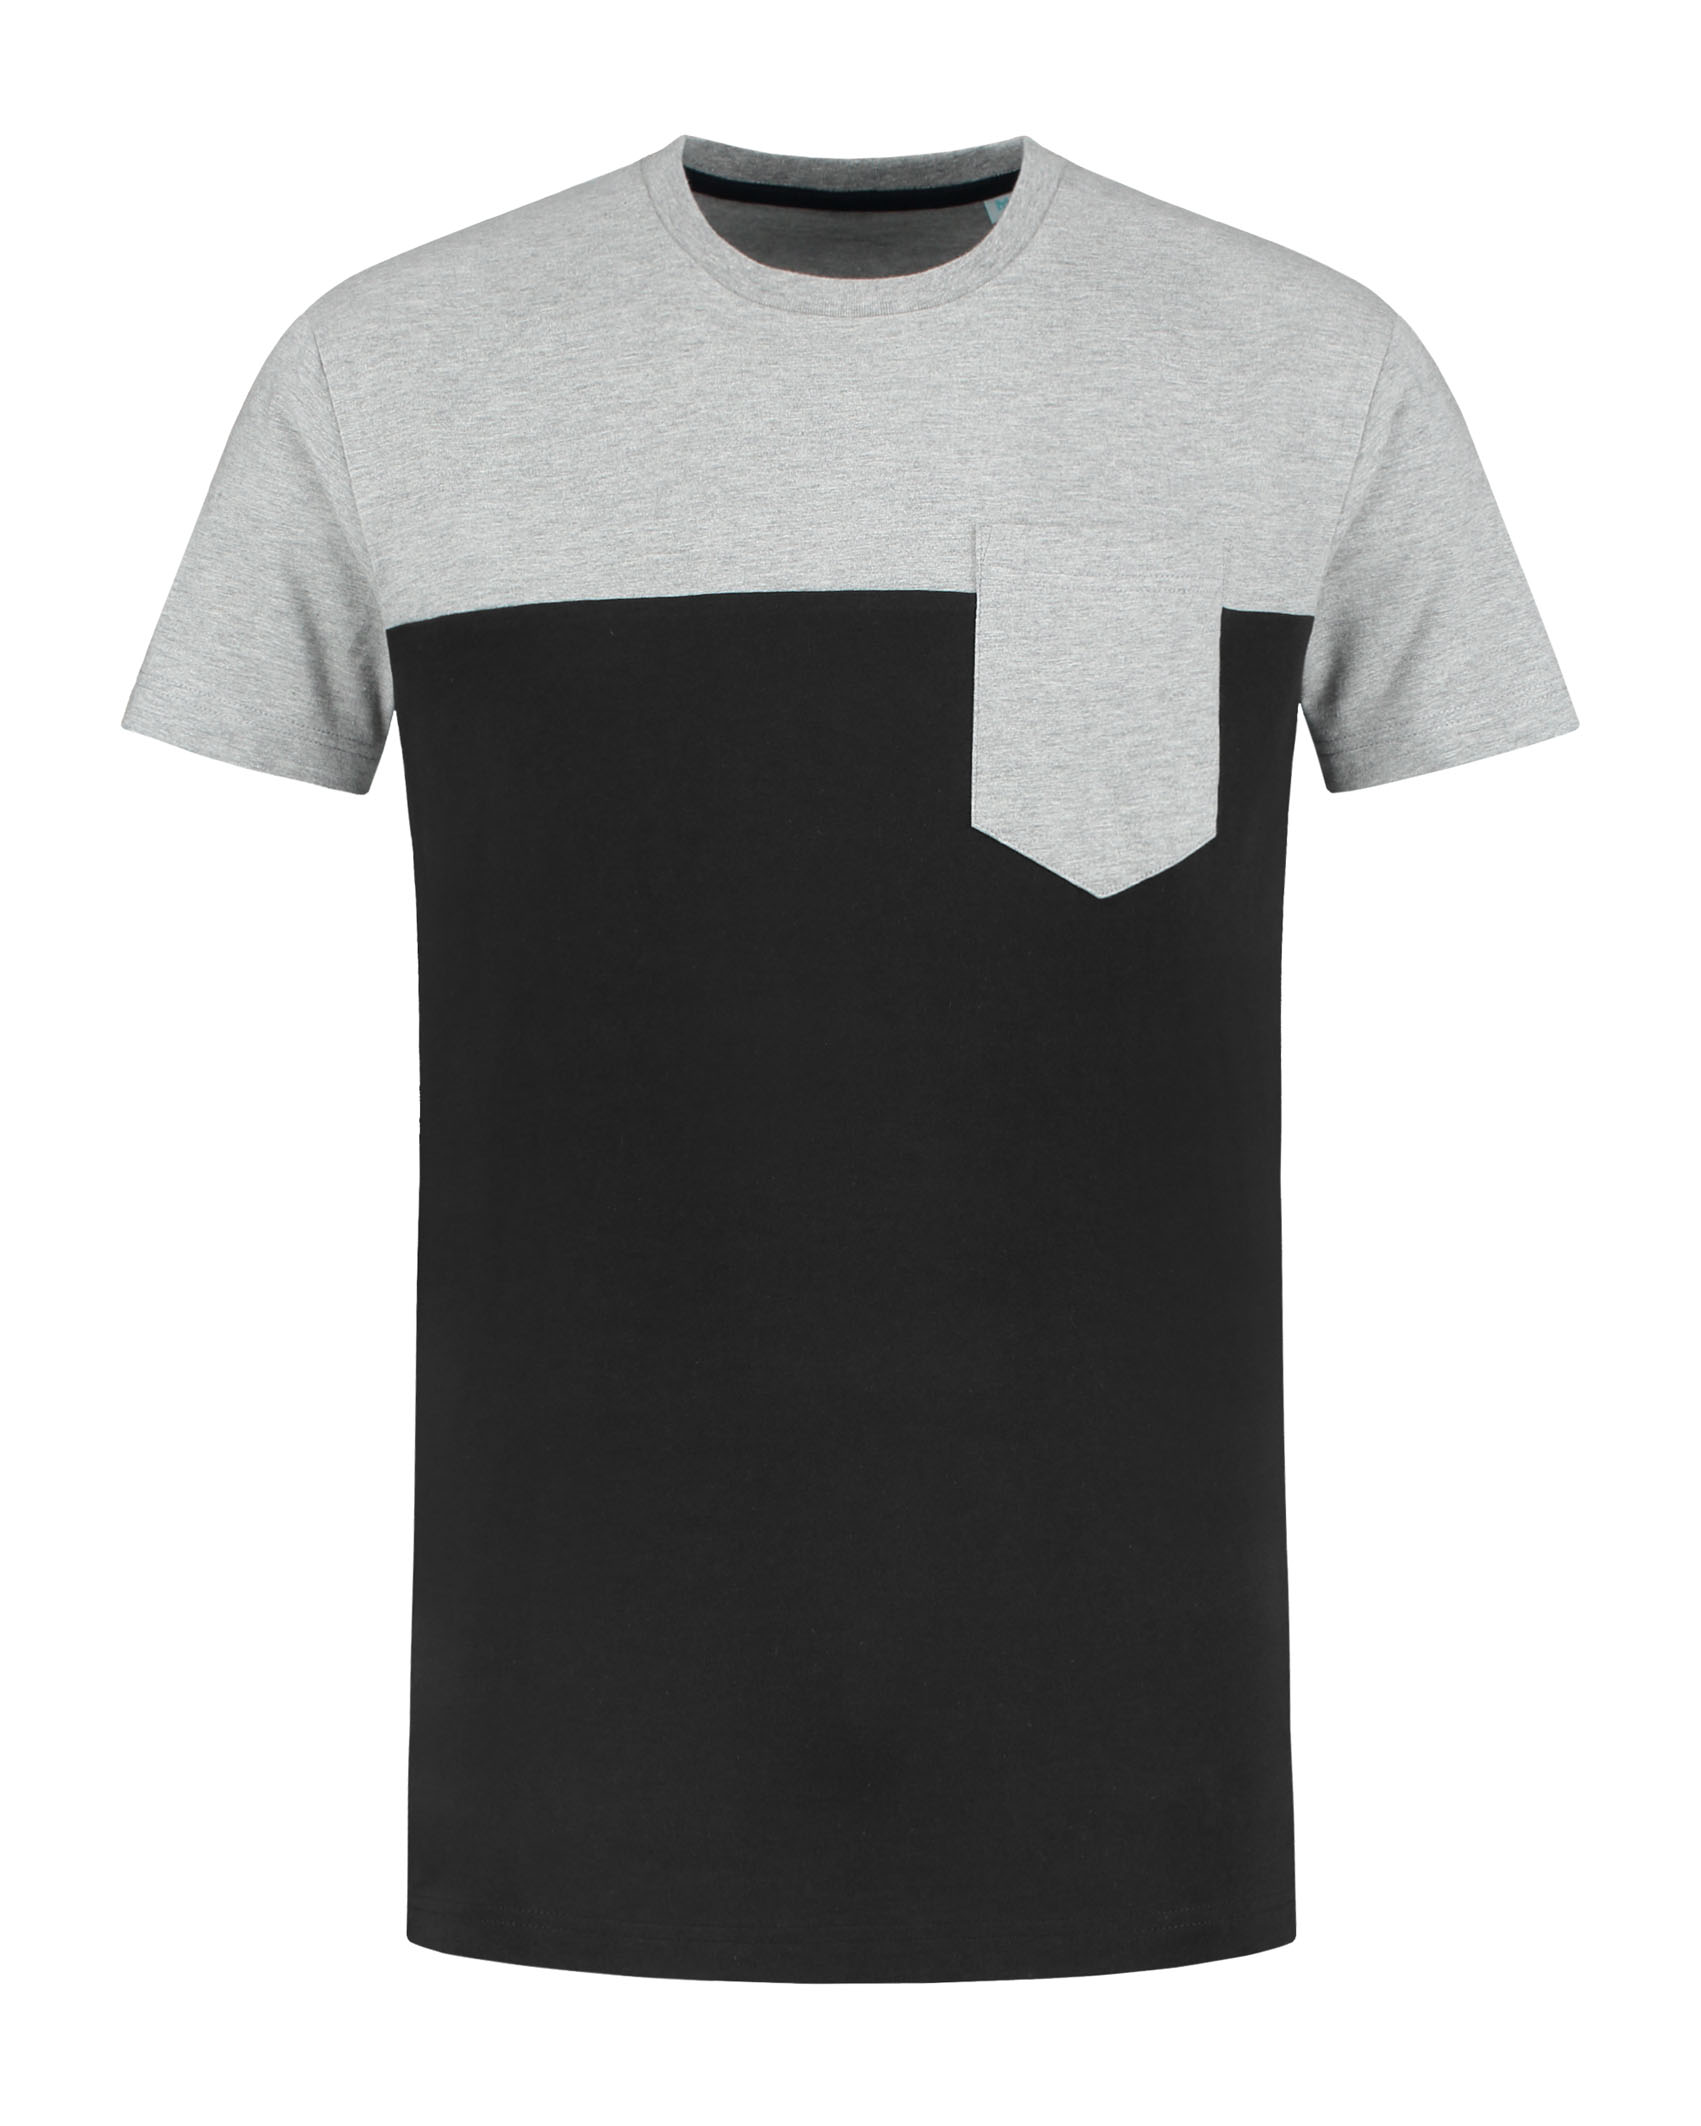 L&S T-shirt iTee pocket SS